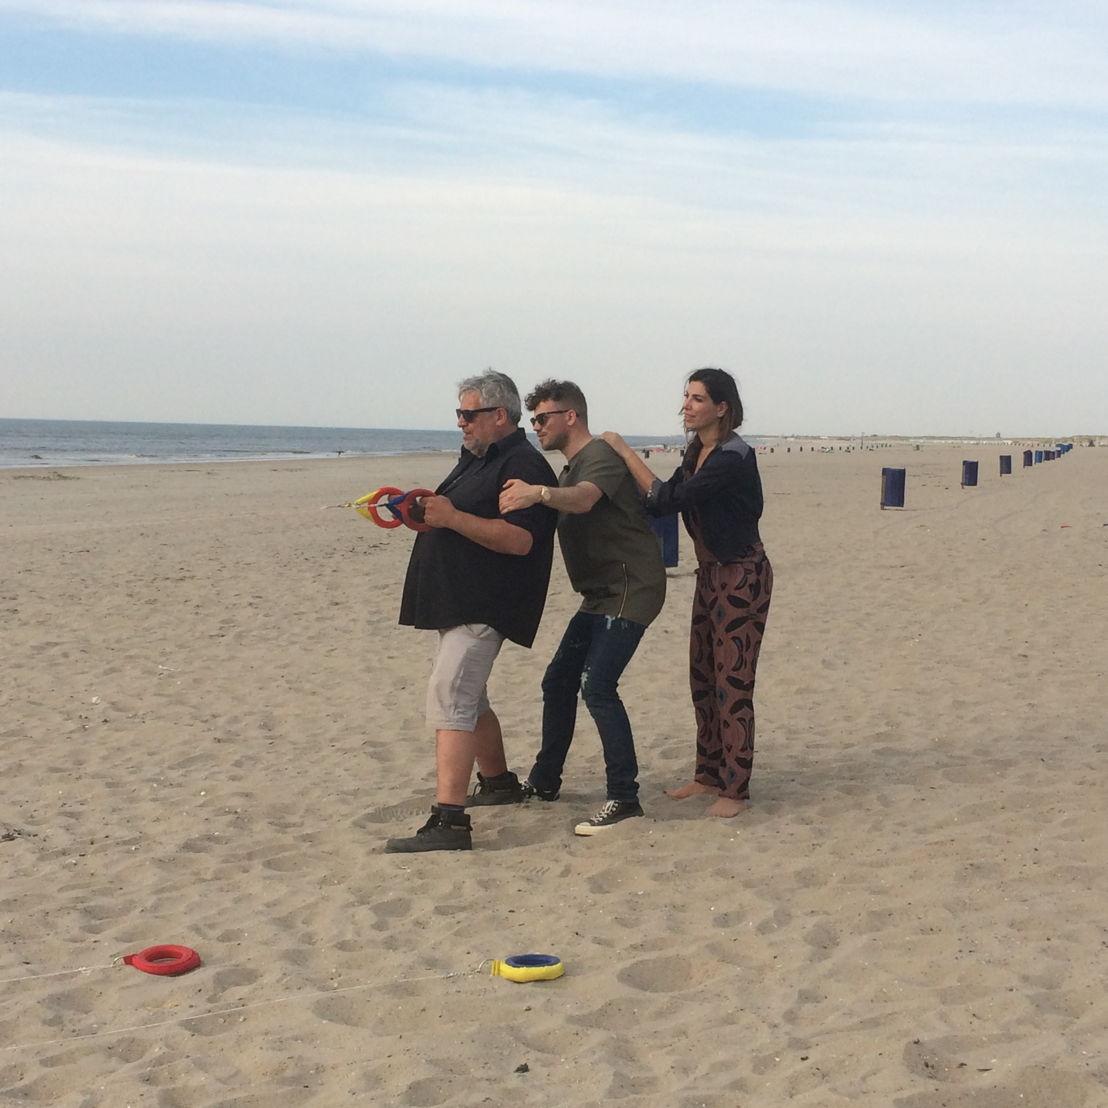 Saartje Vandendriessche, Gers Pardoel en Kamal Kharmach in de Oranje boven special van Weg zijn wij (c) VRT